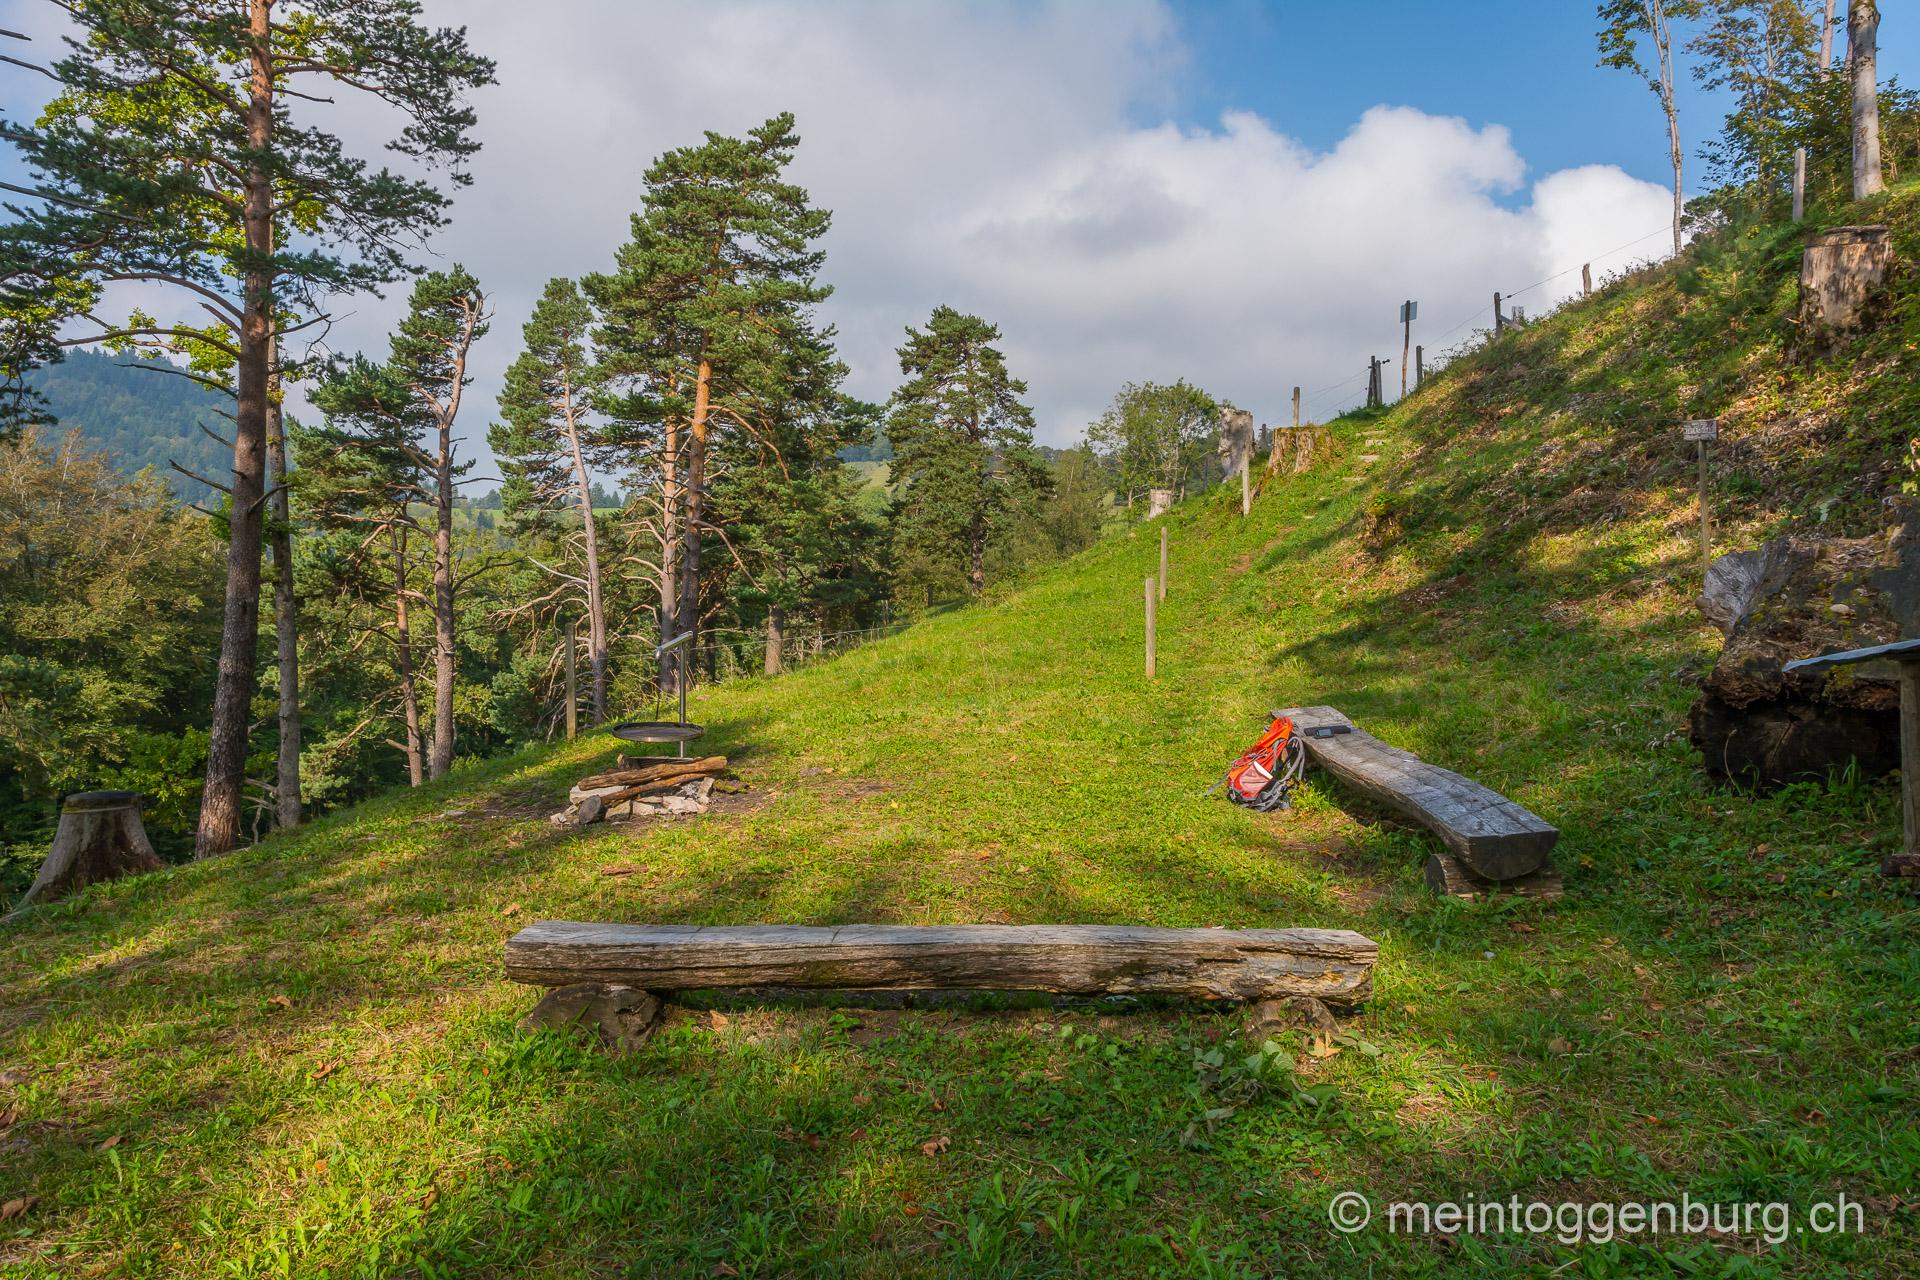 Grillplatz Alp Ergeten 1 Mosnang